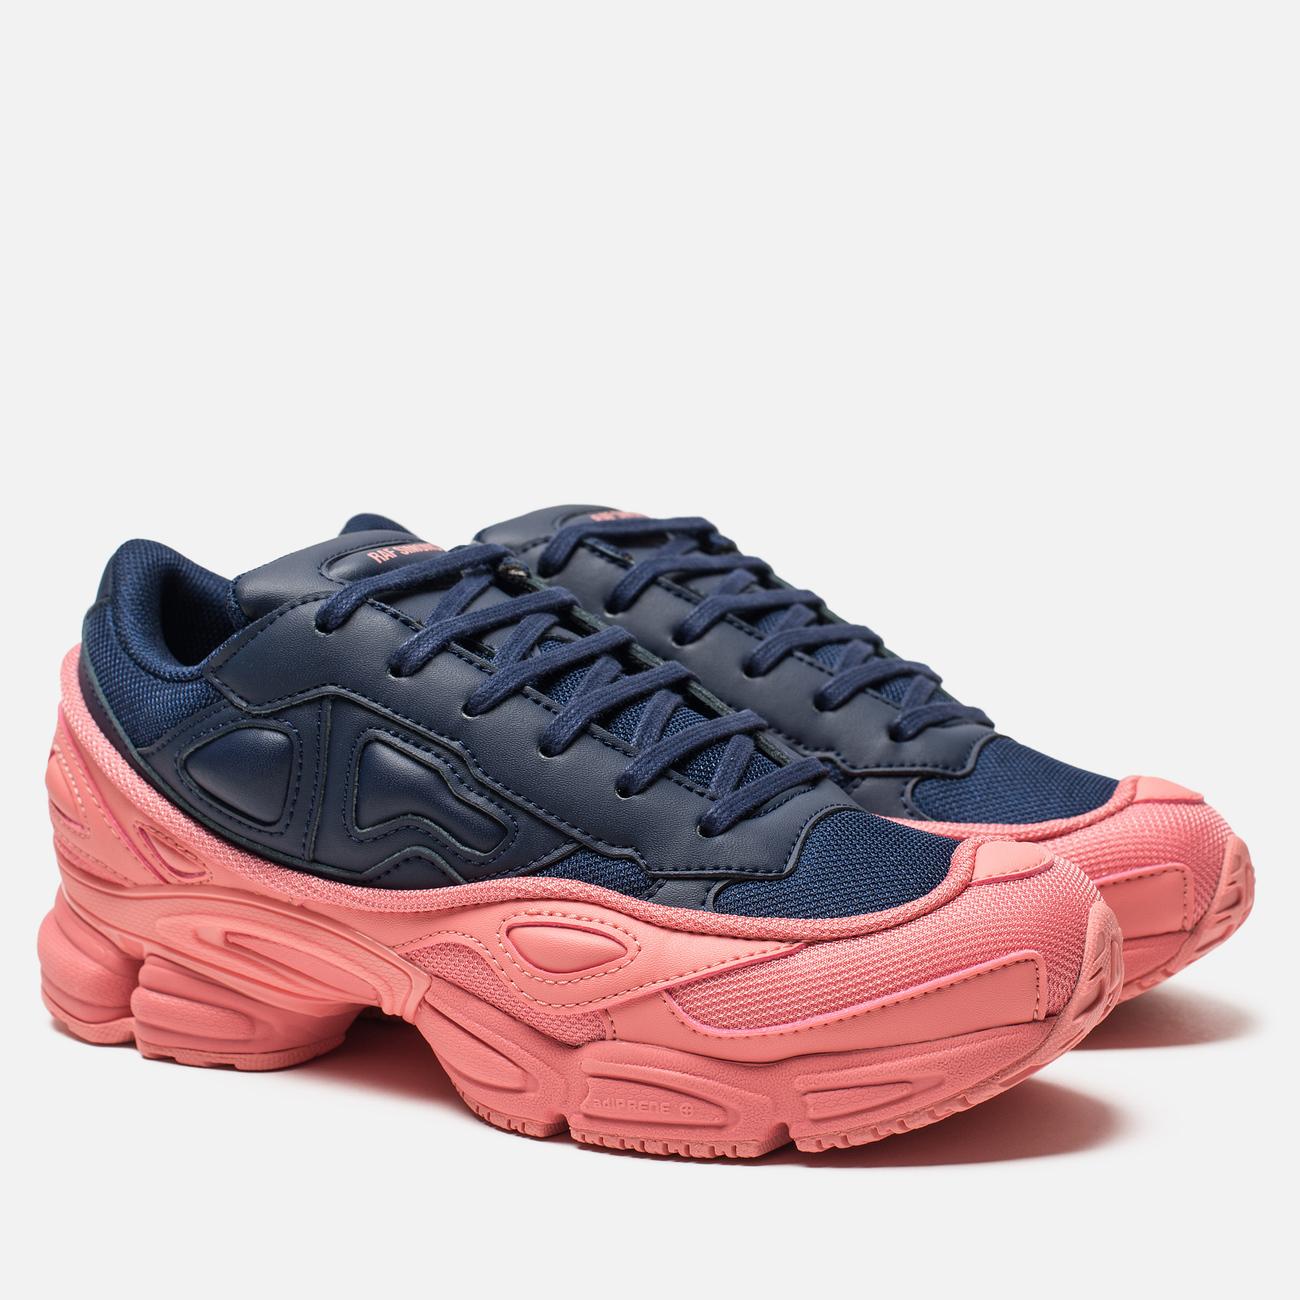 Кроссовки adidas Originals x Raf Simons Ozweego Tactile Rose/Dark Blue/Dark Blue